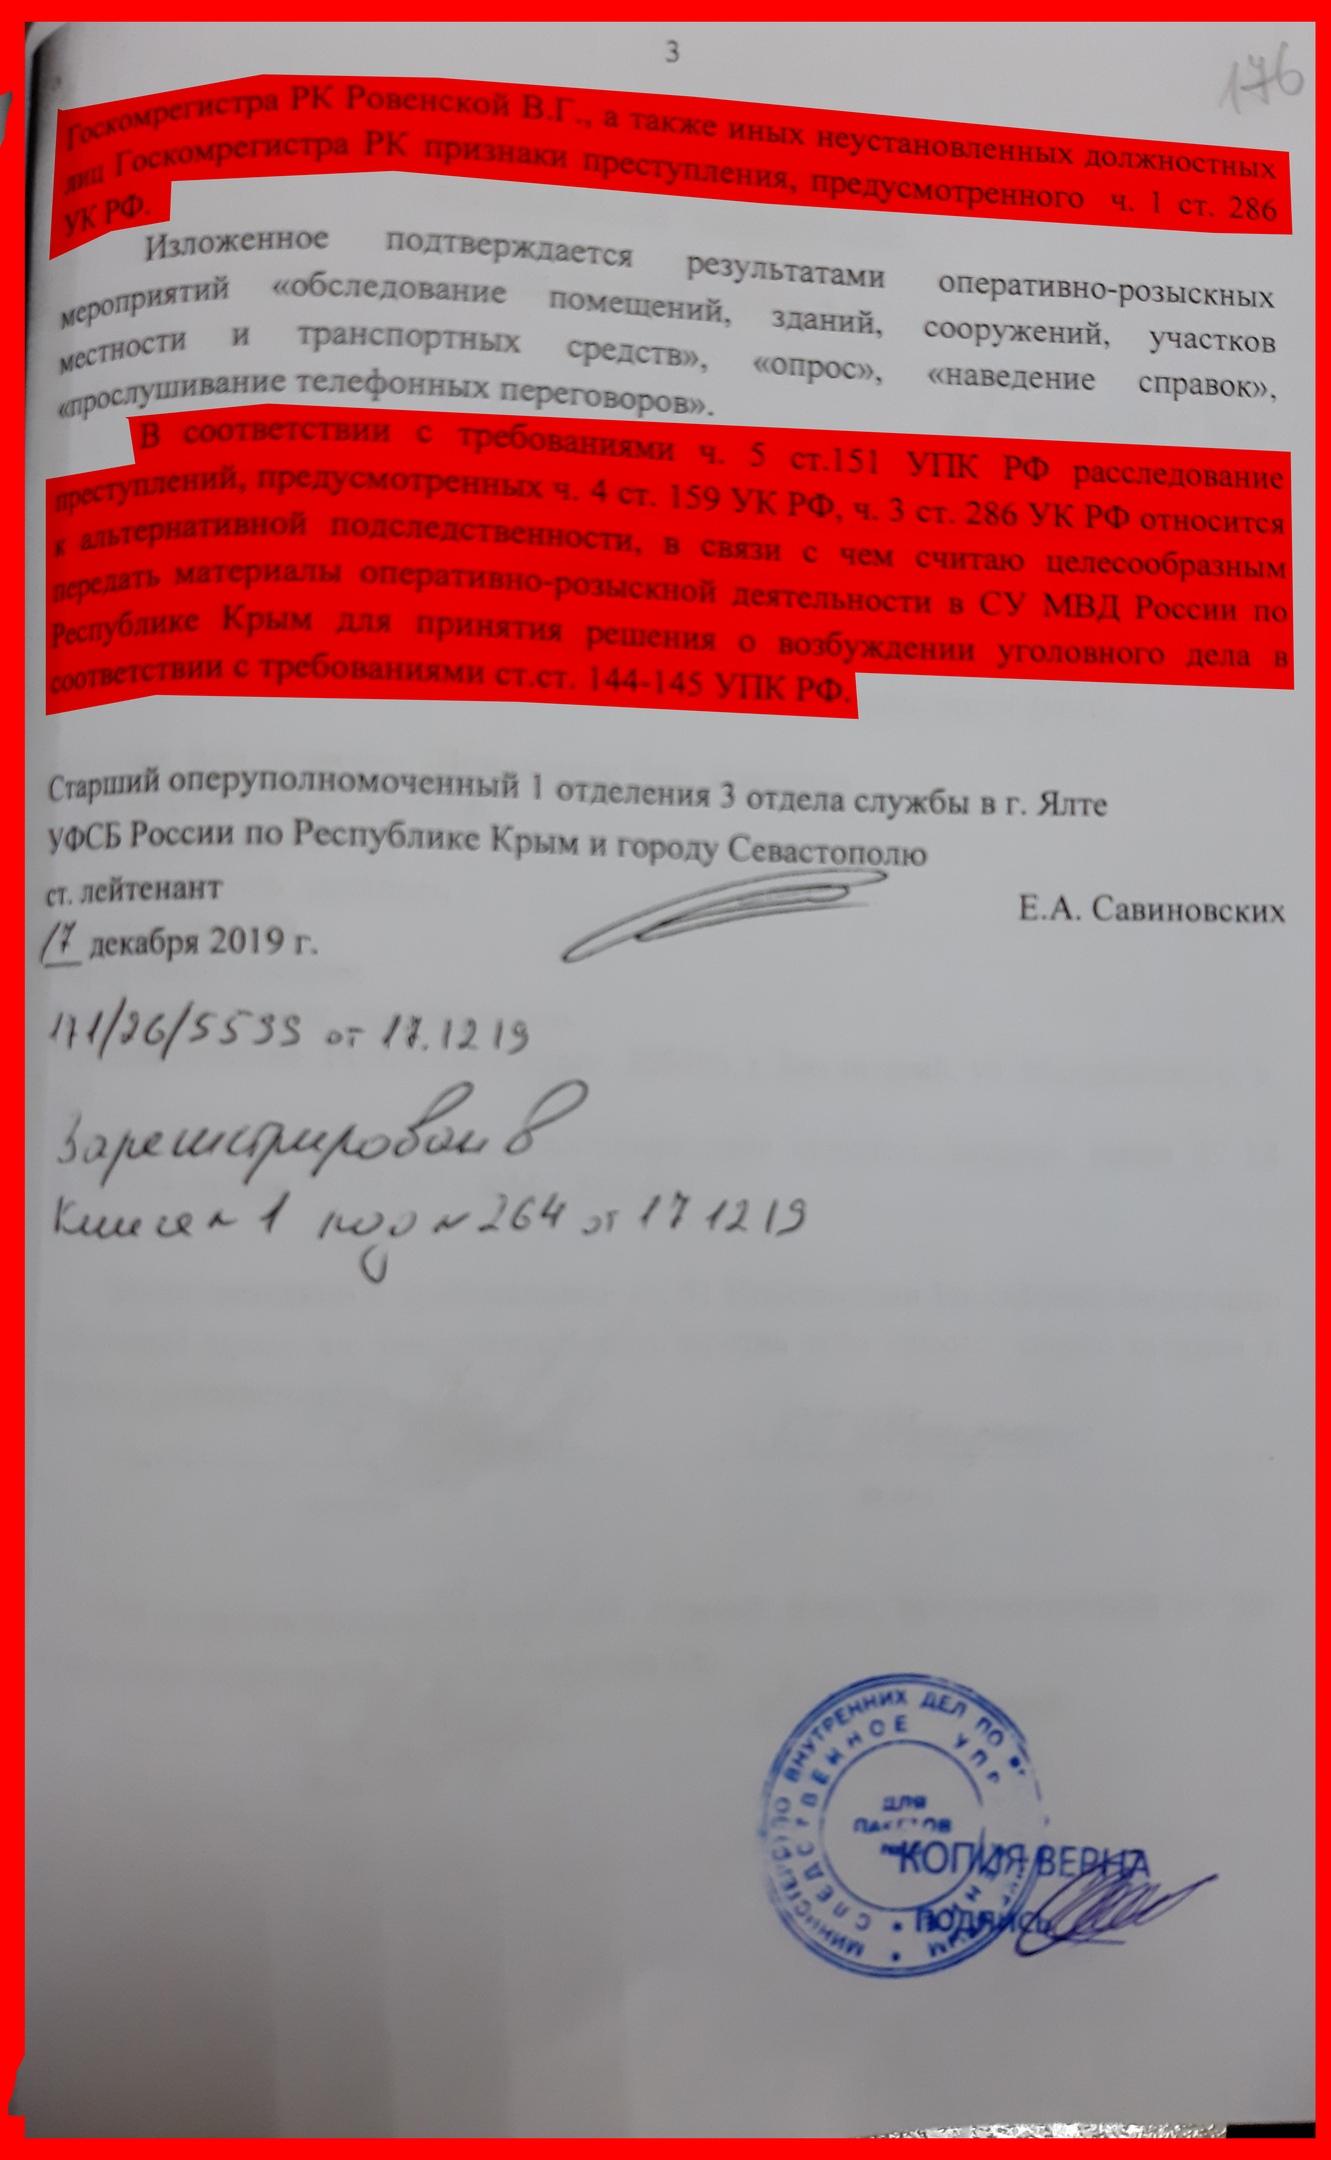 Правосудие или преступное сообщество рейдеров в погонах? Крым: история одного уголовного дела., изображение №9